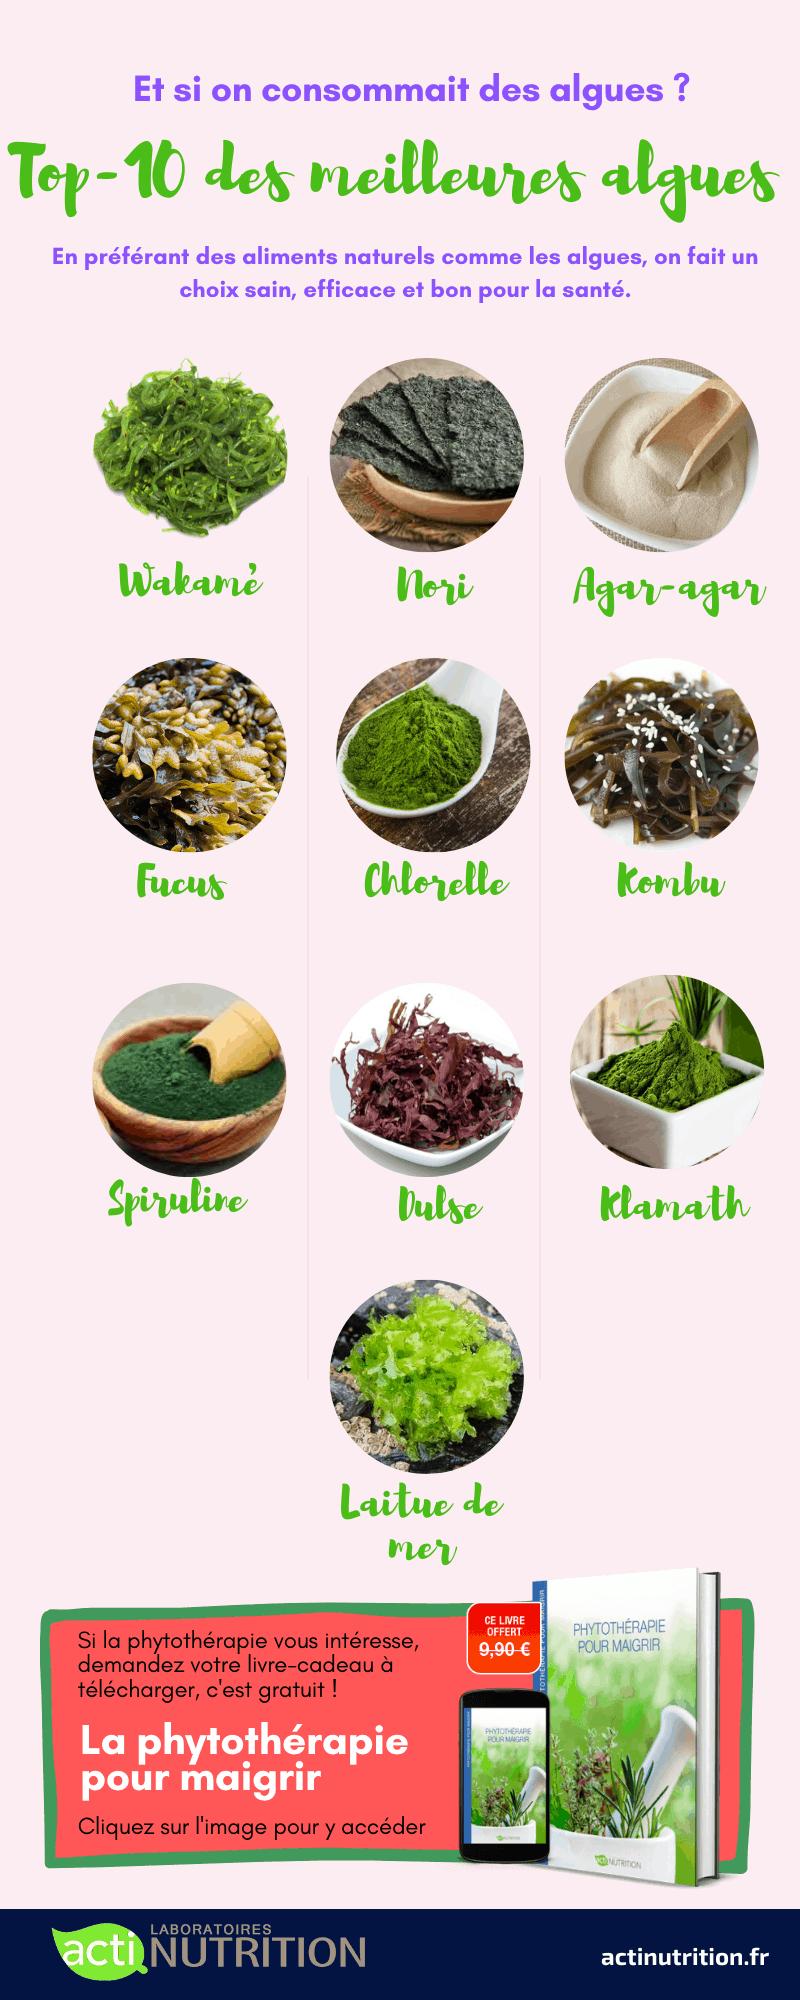 L'infographie du top 10 des meilleures algues pour la santé